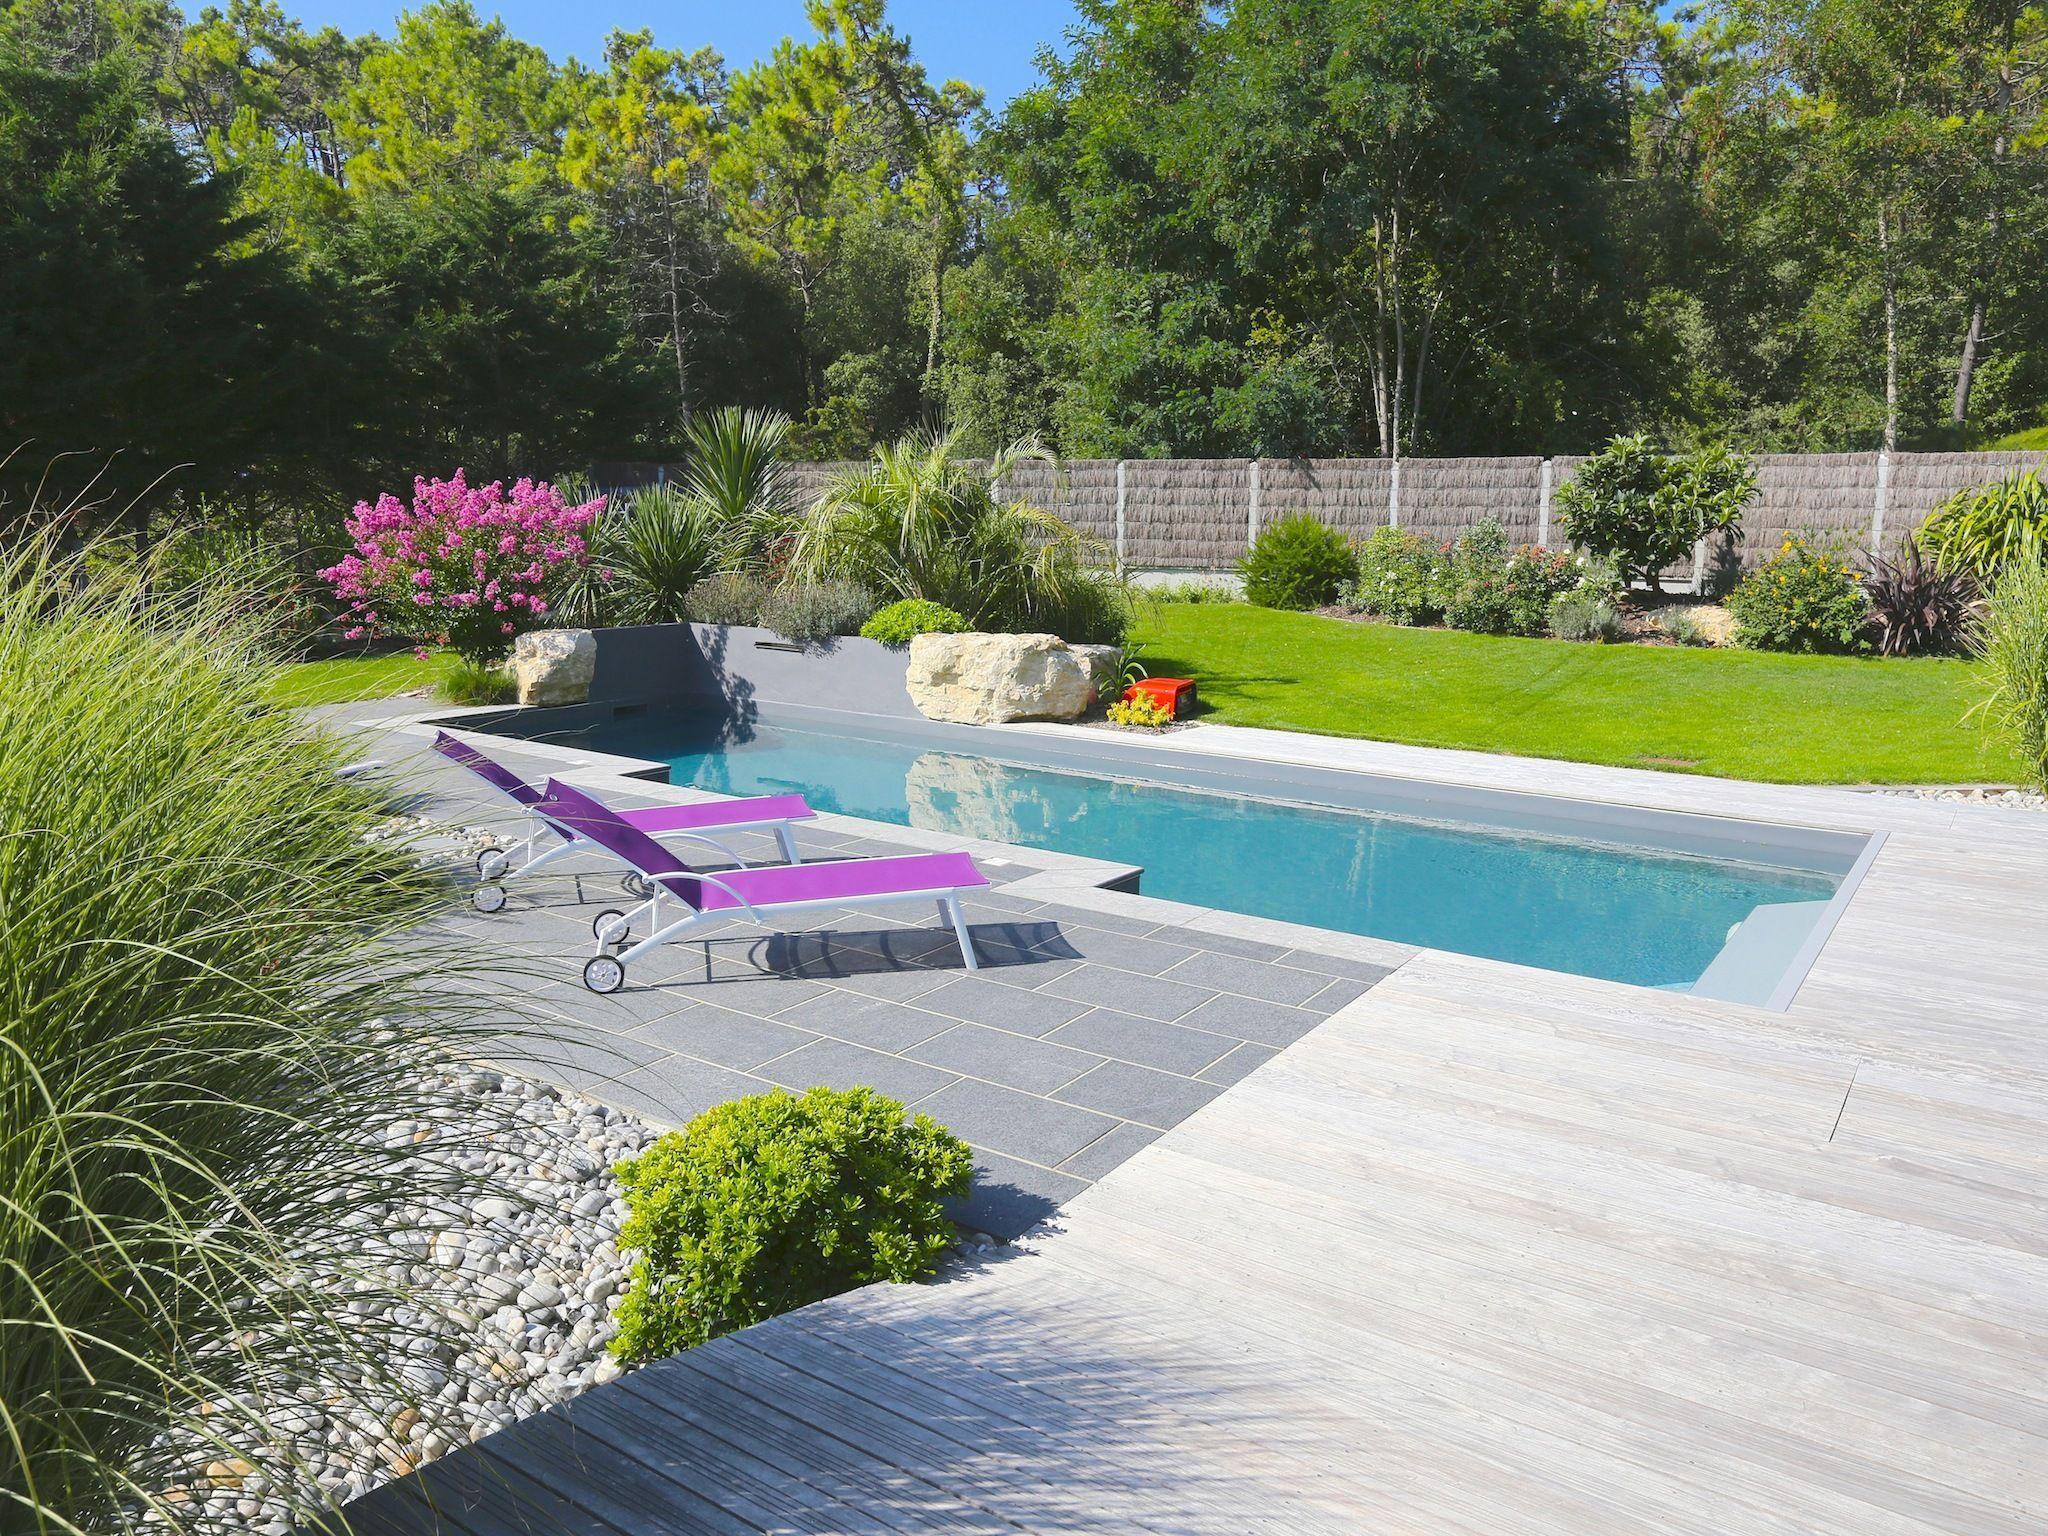 La piscine paysag e par l 39 esprit piscine 8 x 3 5 m for Cash piscine lempdes 63